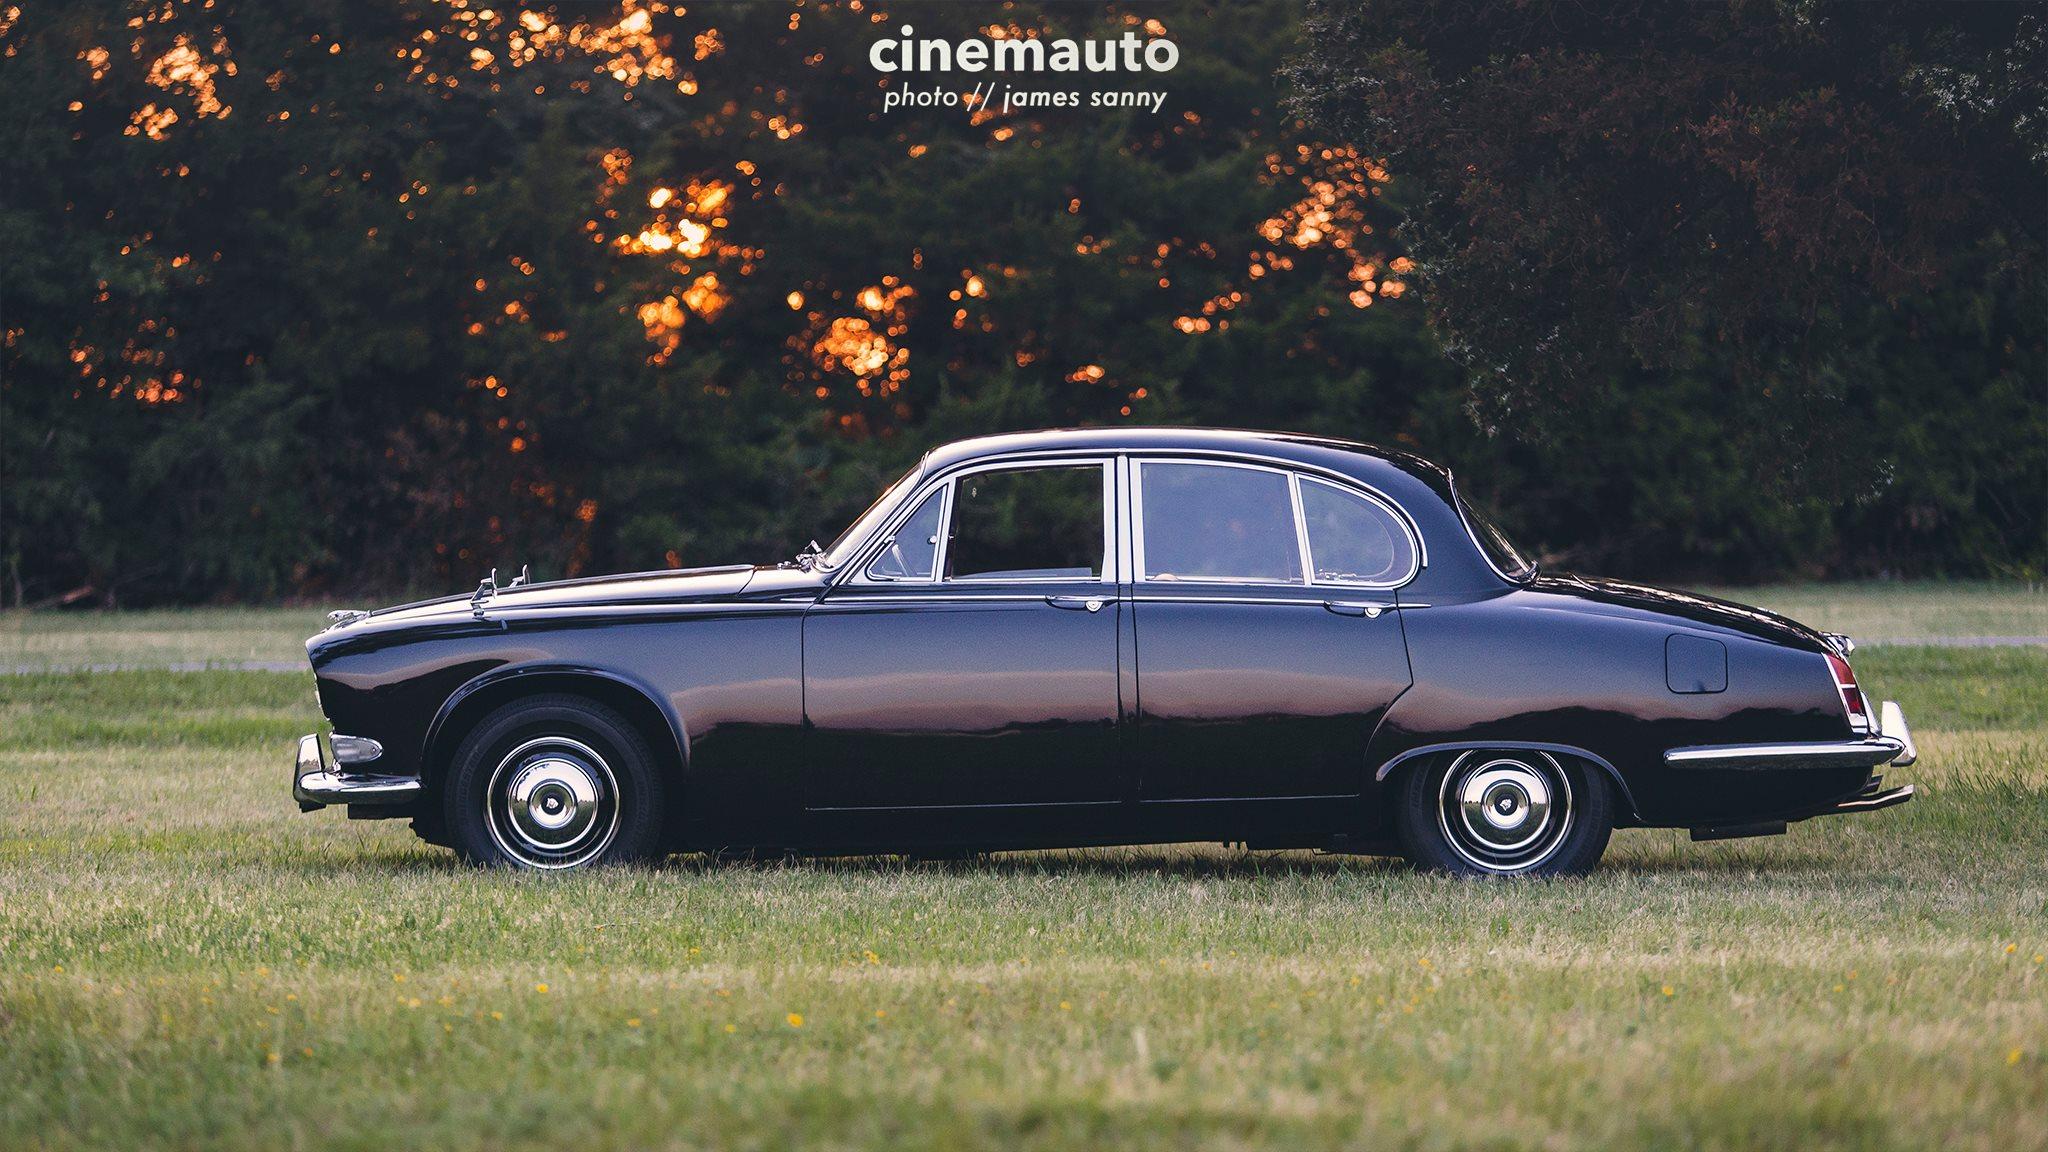 wichita-automotive-photographers-js4.jpg